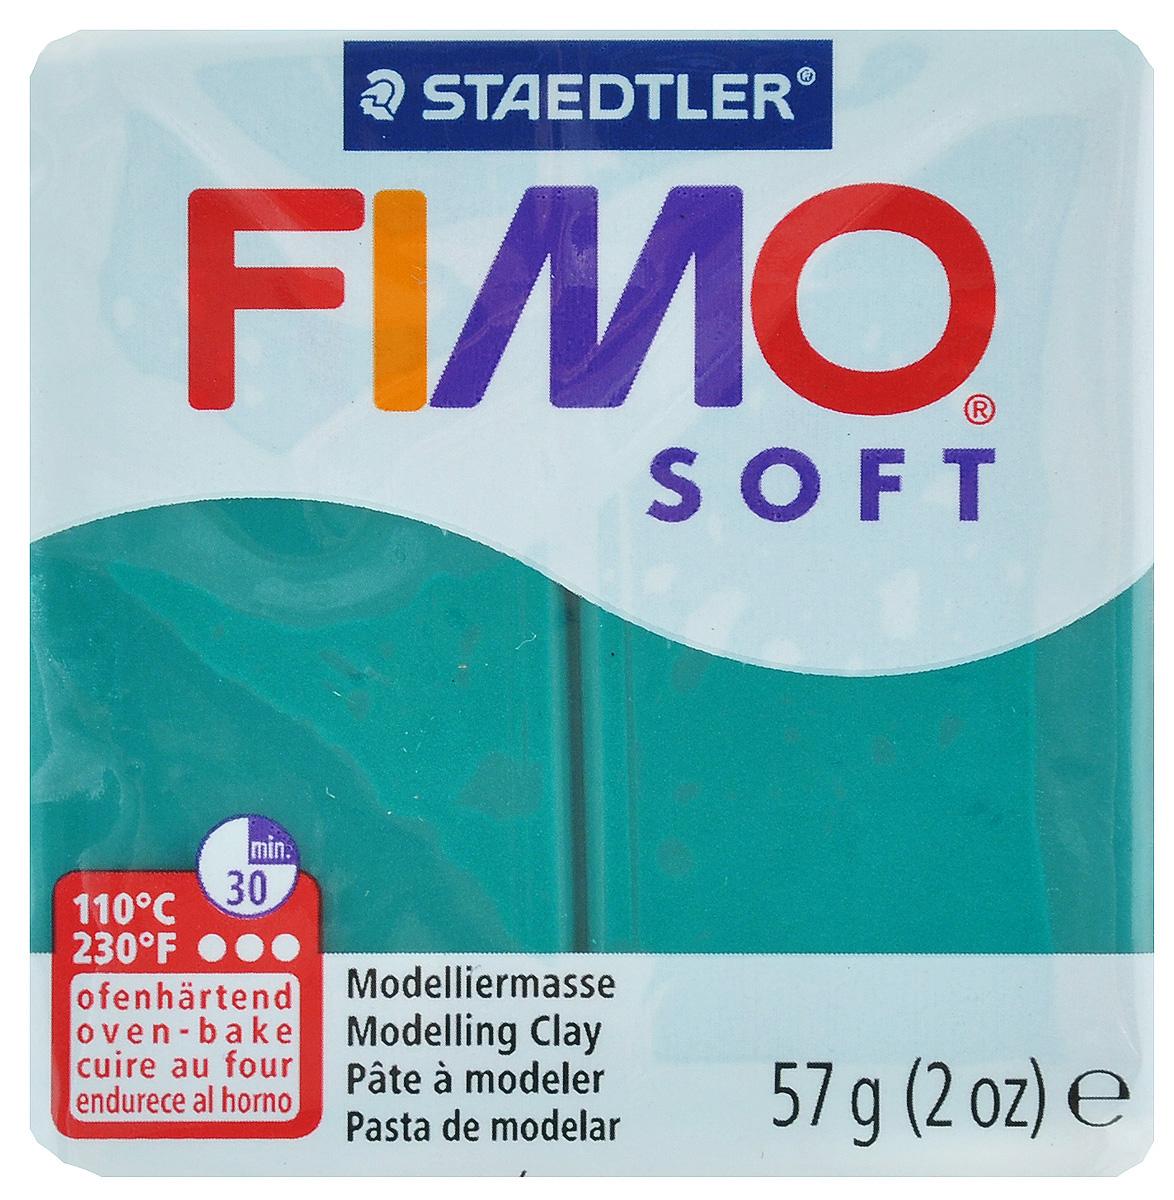 Полимерная глина Fimo Soft, цвет: изумруд, 56 г8020-56Fimo Soft - это запекаемая полимерная глина, очень мягкая и пластичная. Поддается формованию более охотно, чем другие разновидности Fimo. Может с одинаковым успехом использоваться как для изготовления простых изделий, например, магнитов, брелоков, так и для создания сложных украшений с переходом цвета и сложной поверхностью. Структура этой глины позволяет при смешивании получать красивые чистые цвета. Изделия, изготовленные из Fimo Soft приобретают высокую прочность после запекания. Походит для использования штампов.